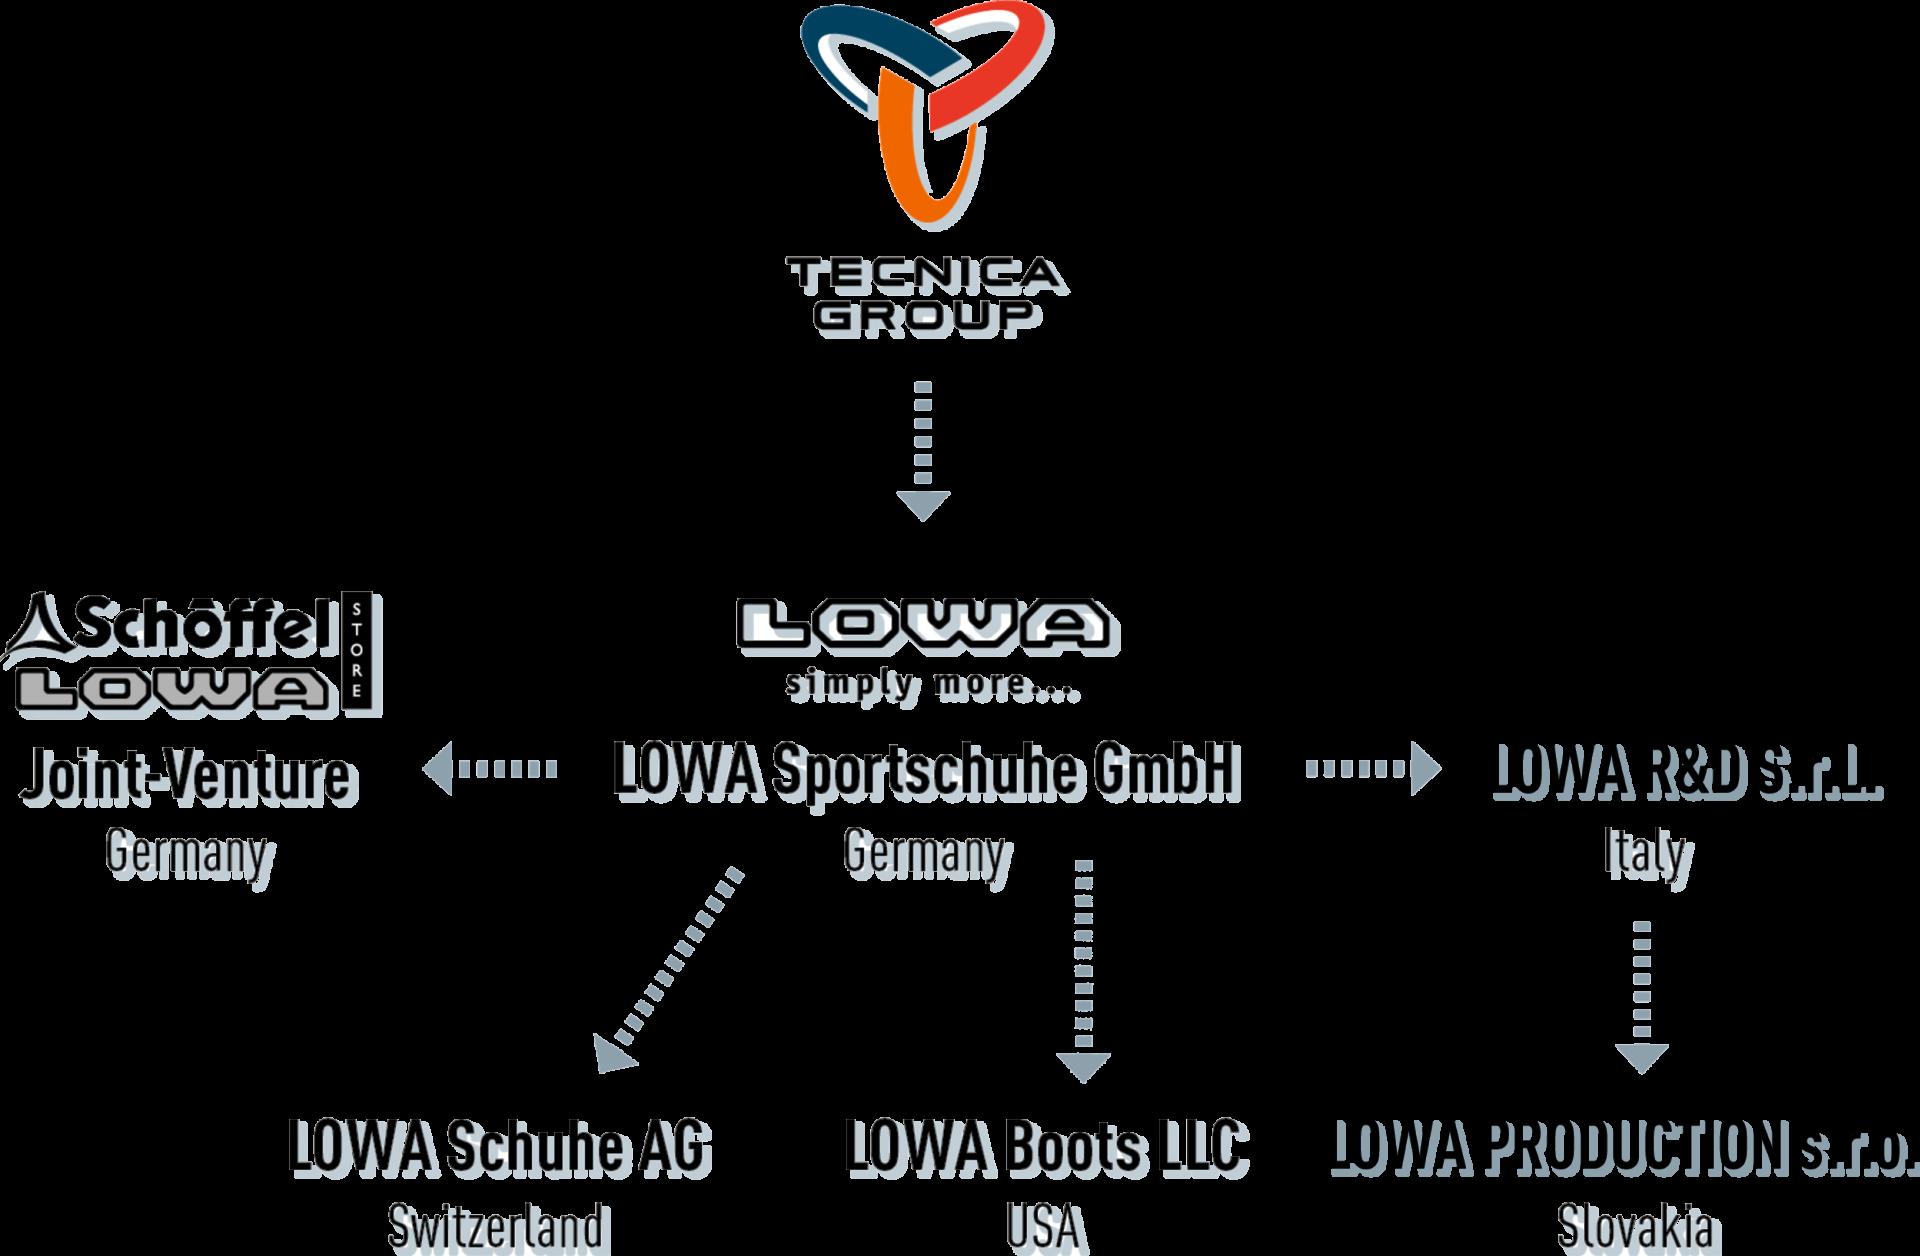 Naast de hoofdvestiging in Jetzendorf heeft LOWA vestigingen in Zwitserland, de VS, Italië en Slowakije. Sinds 1993 is het bedrijf onderdeel van de Italiaanse Tecnica-groep.